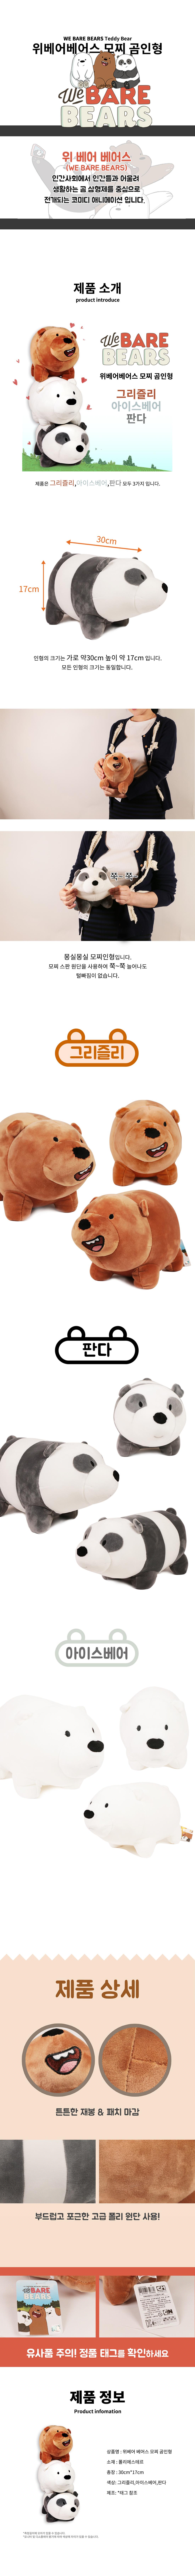 위베어베어스 25cm 모찌 봉제 애착 인형 - 갓샵, 13,900원, 캐릭터인형, 기타 캐릭터 인형